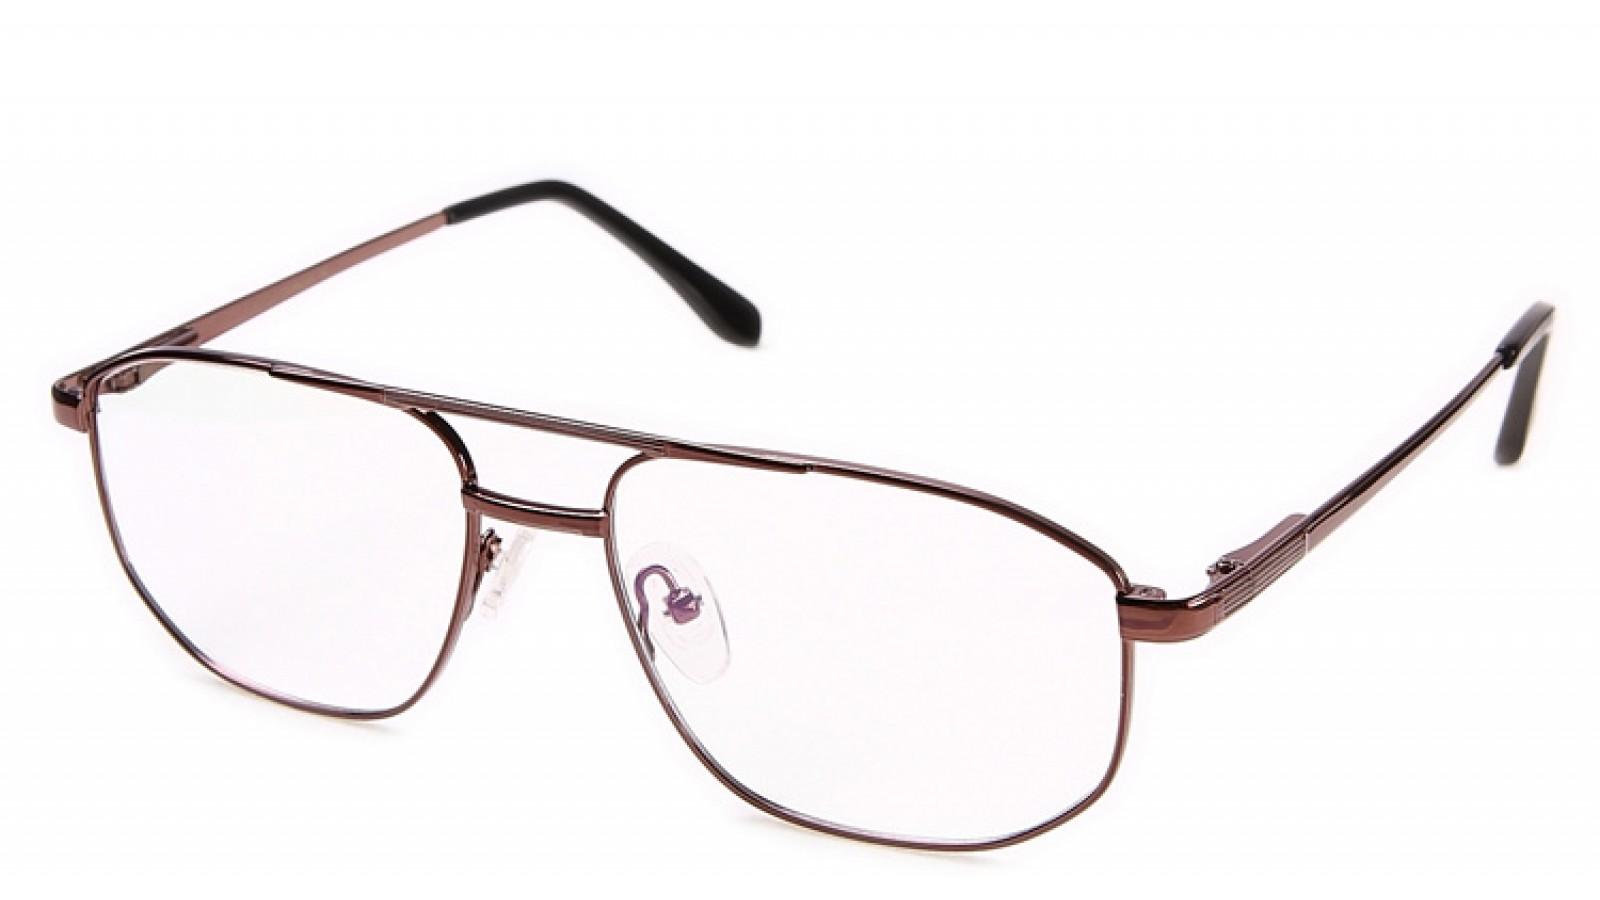 Herren Brille mit großen auffälligen Gläsern